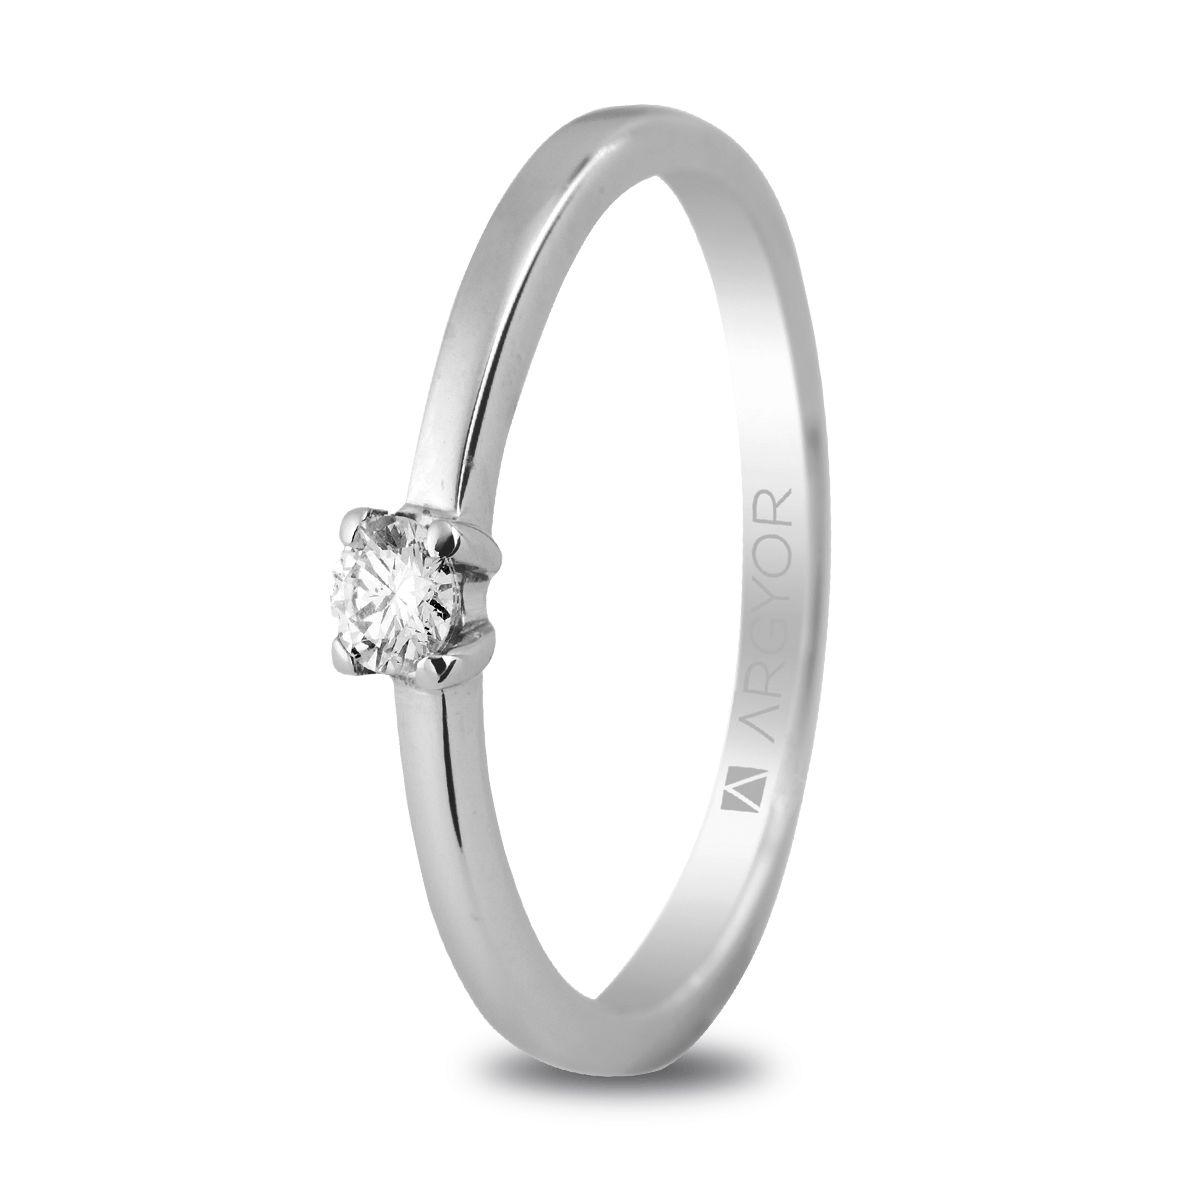 bd8f8273a603 Anillo de compromiso Argyor oro blanco 1 diamante 0.10ct. Sortija oro  blanco 1 diamante